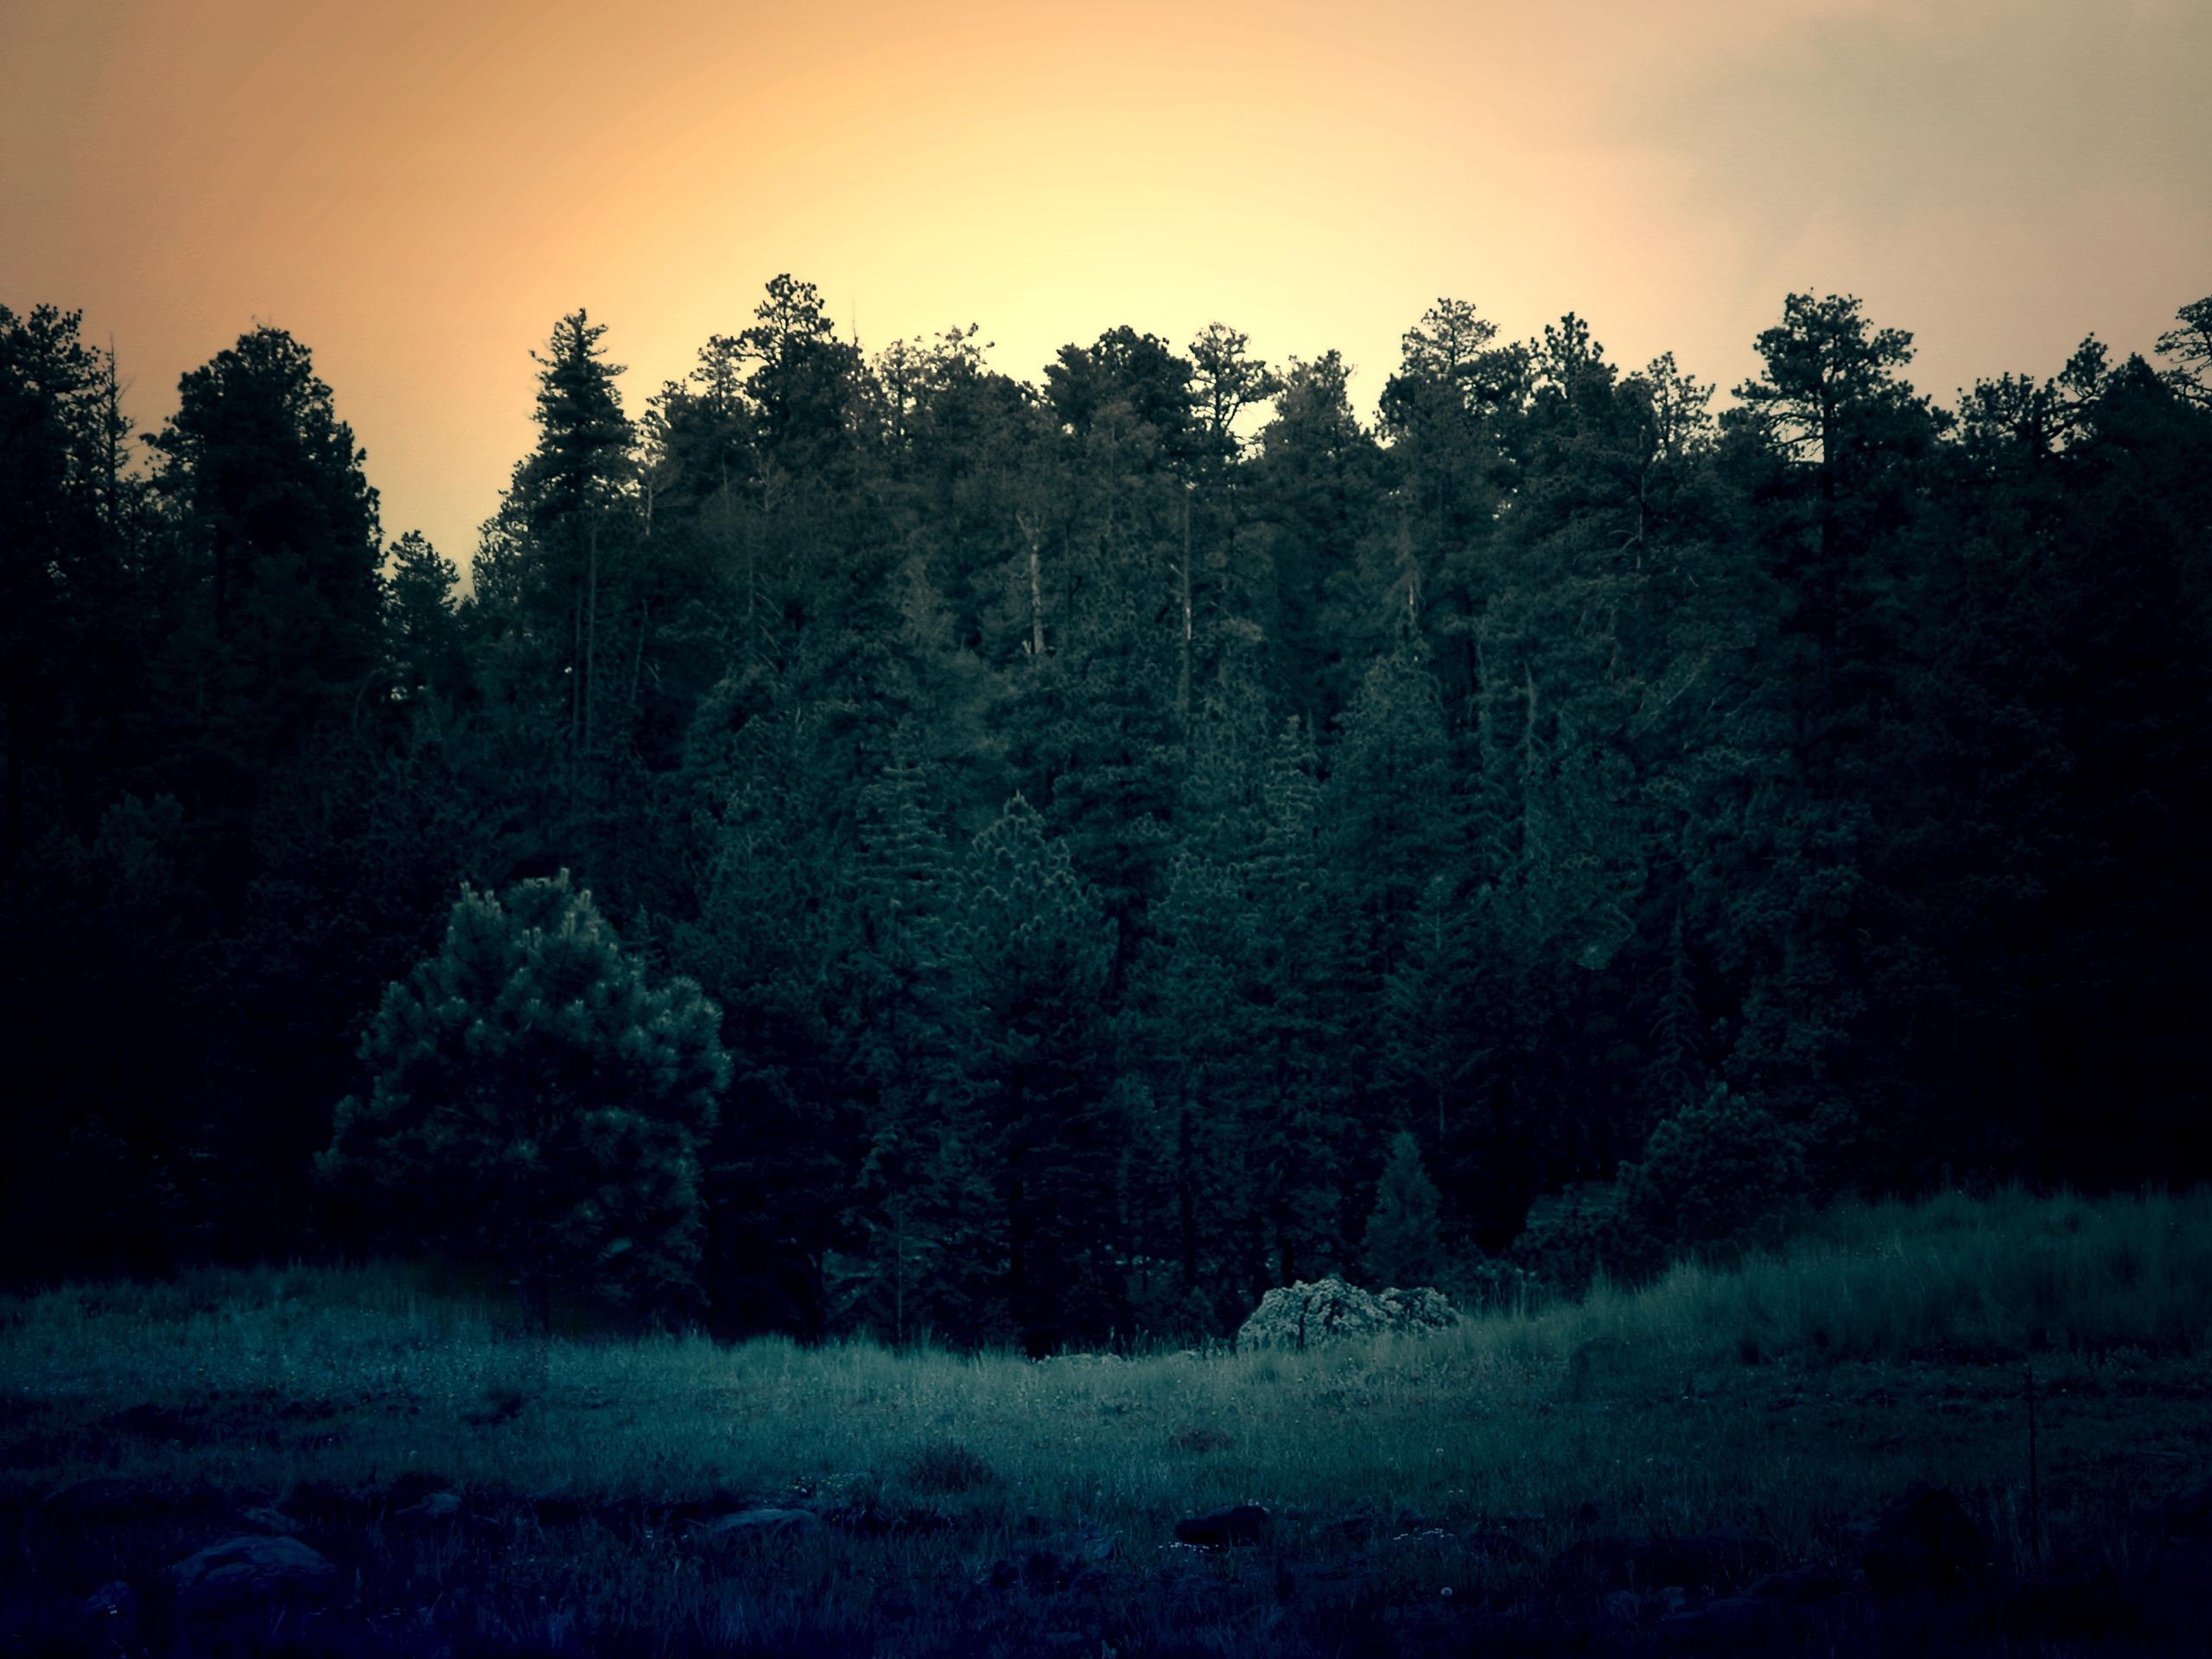 Forest, trees, sunset, dusk, forest, dense, pine